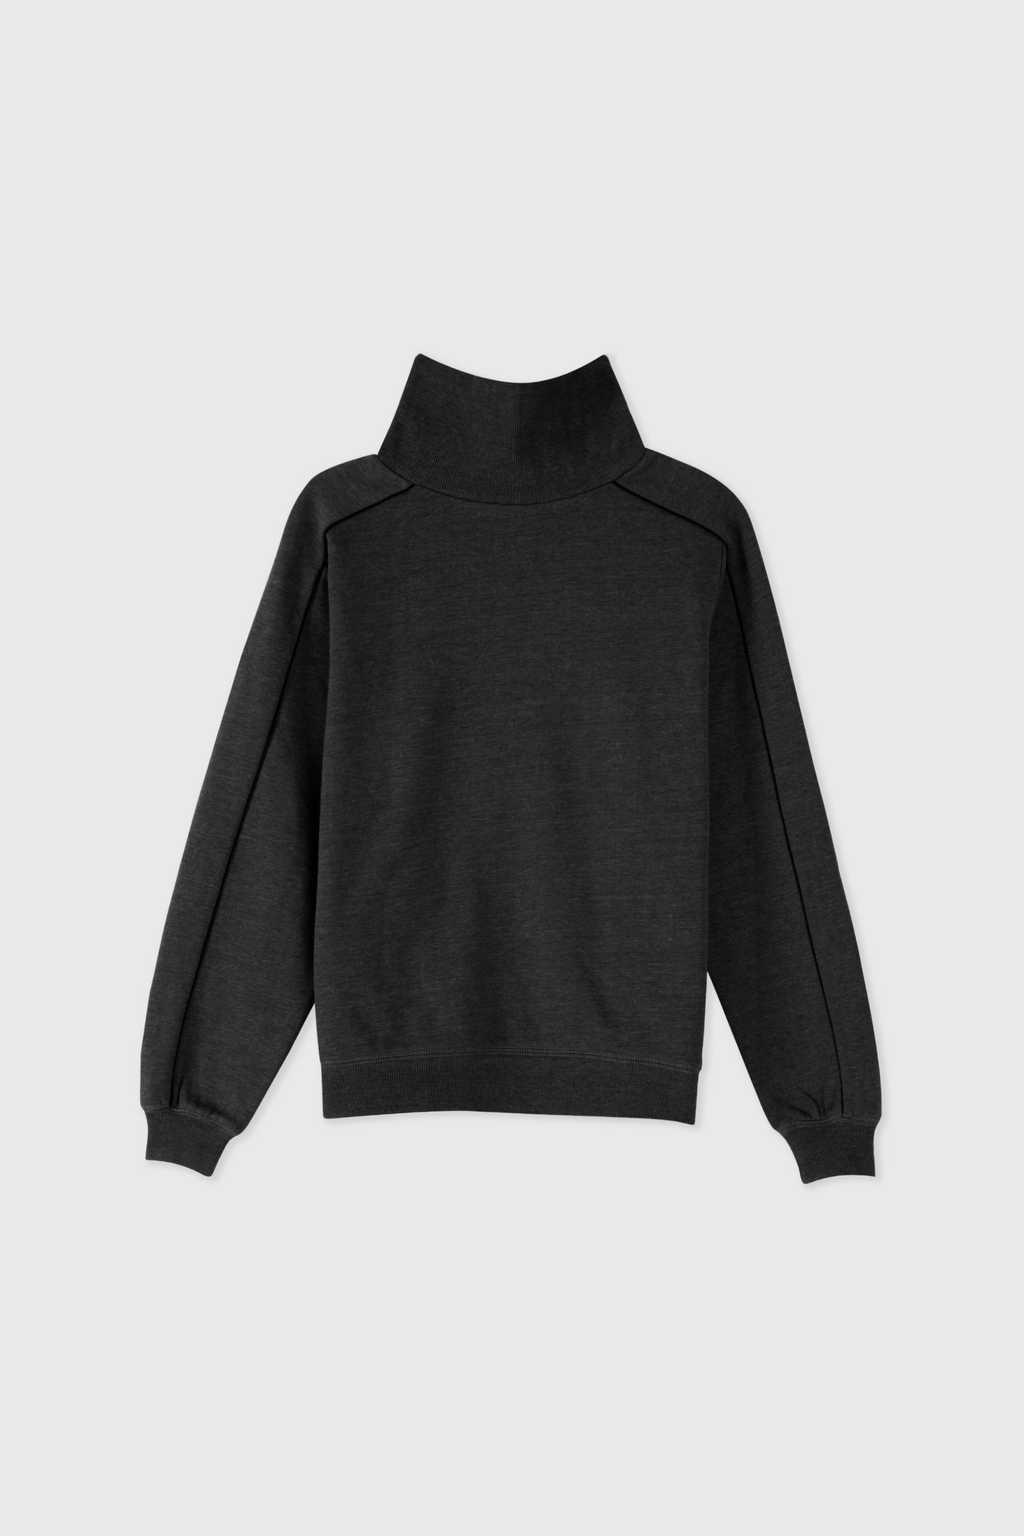 Sweatshirt 2886 Dark Gray 5